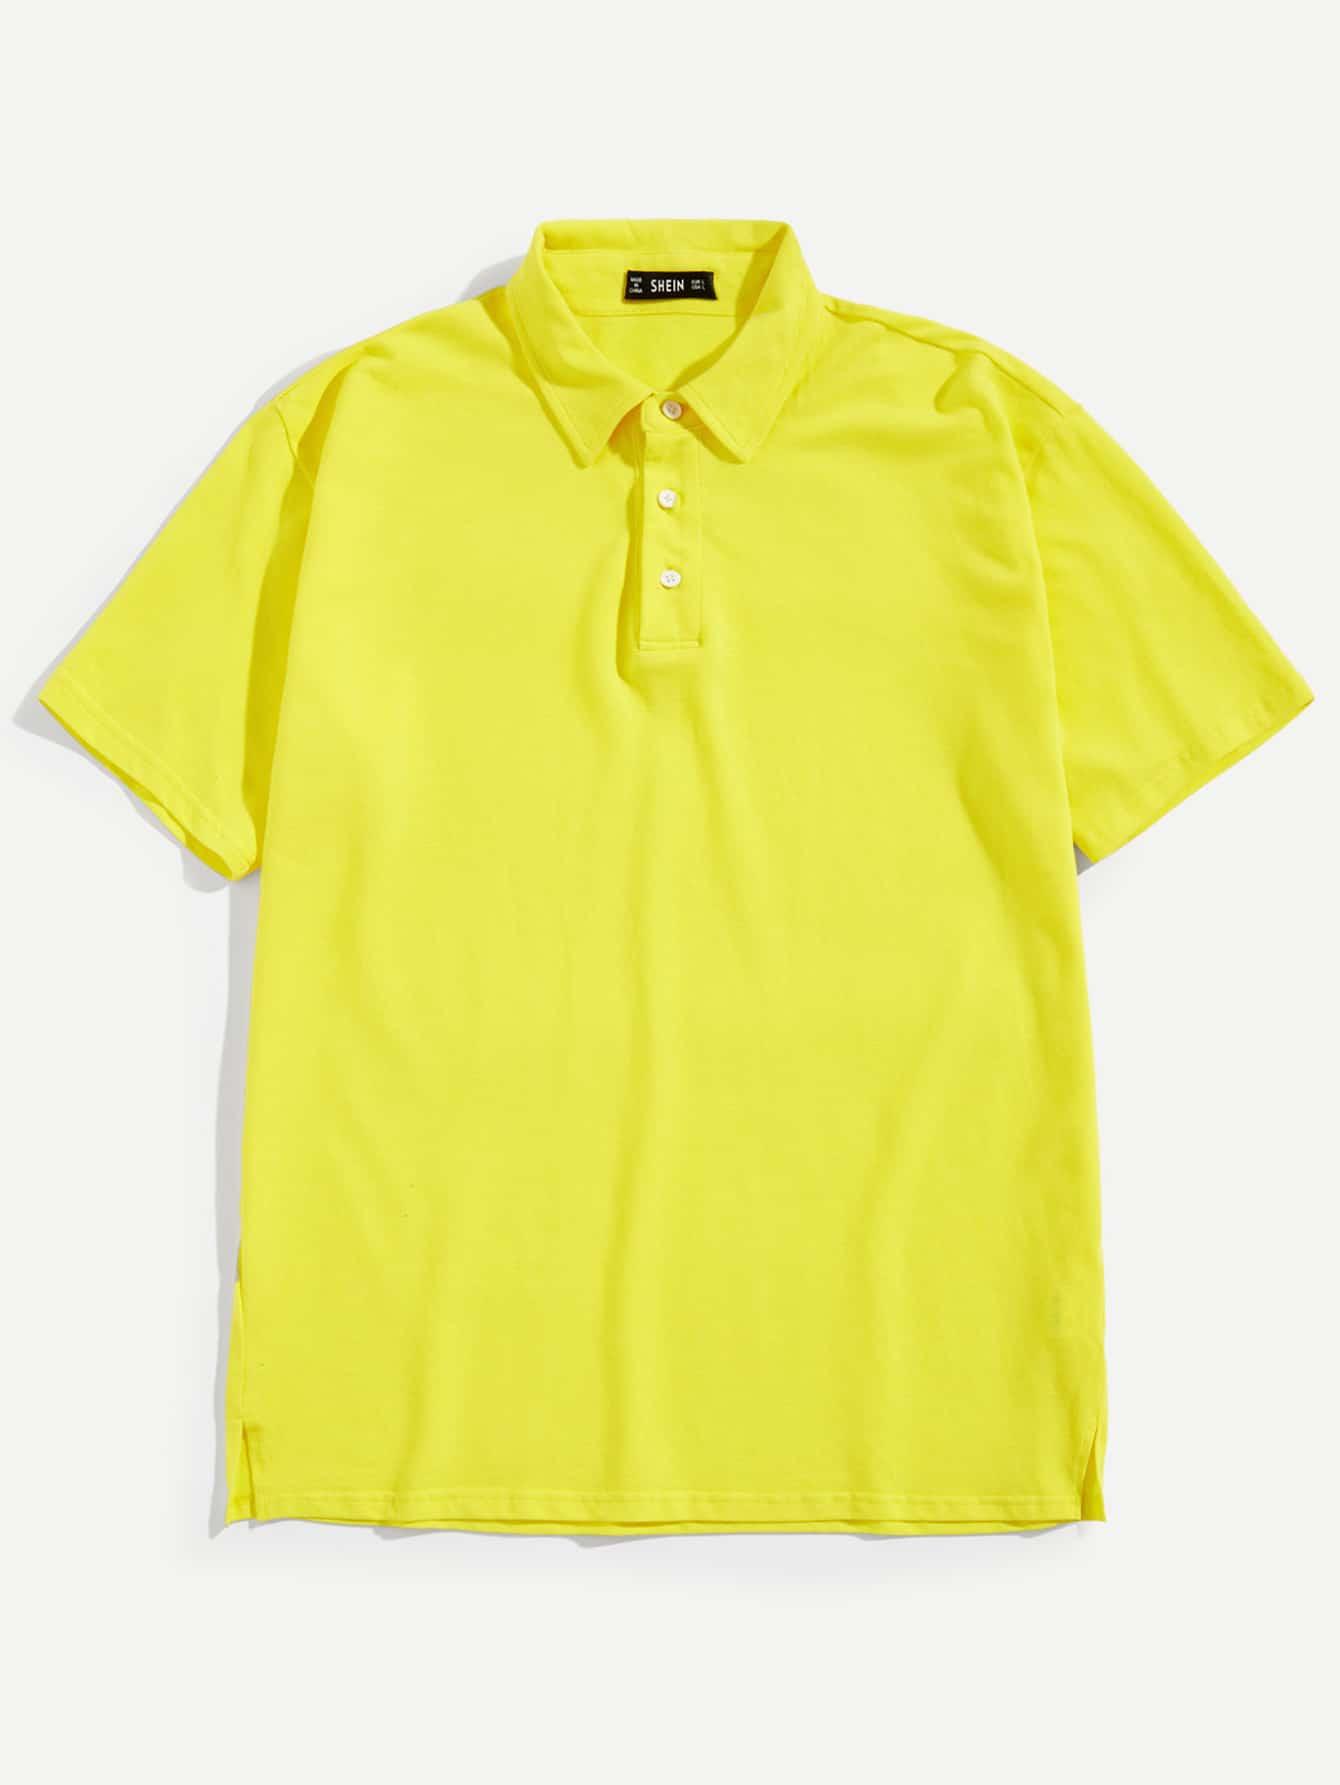 Купить Мужская однотонная поло рубашка с пуговицами, null, SheIn